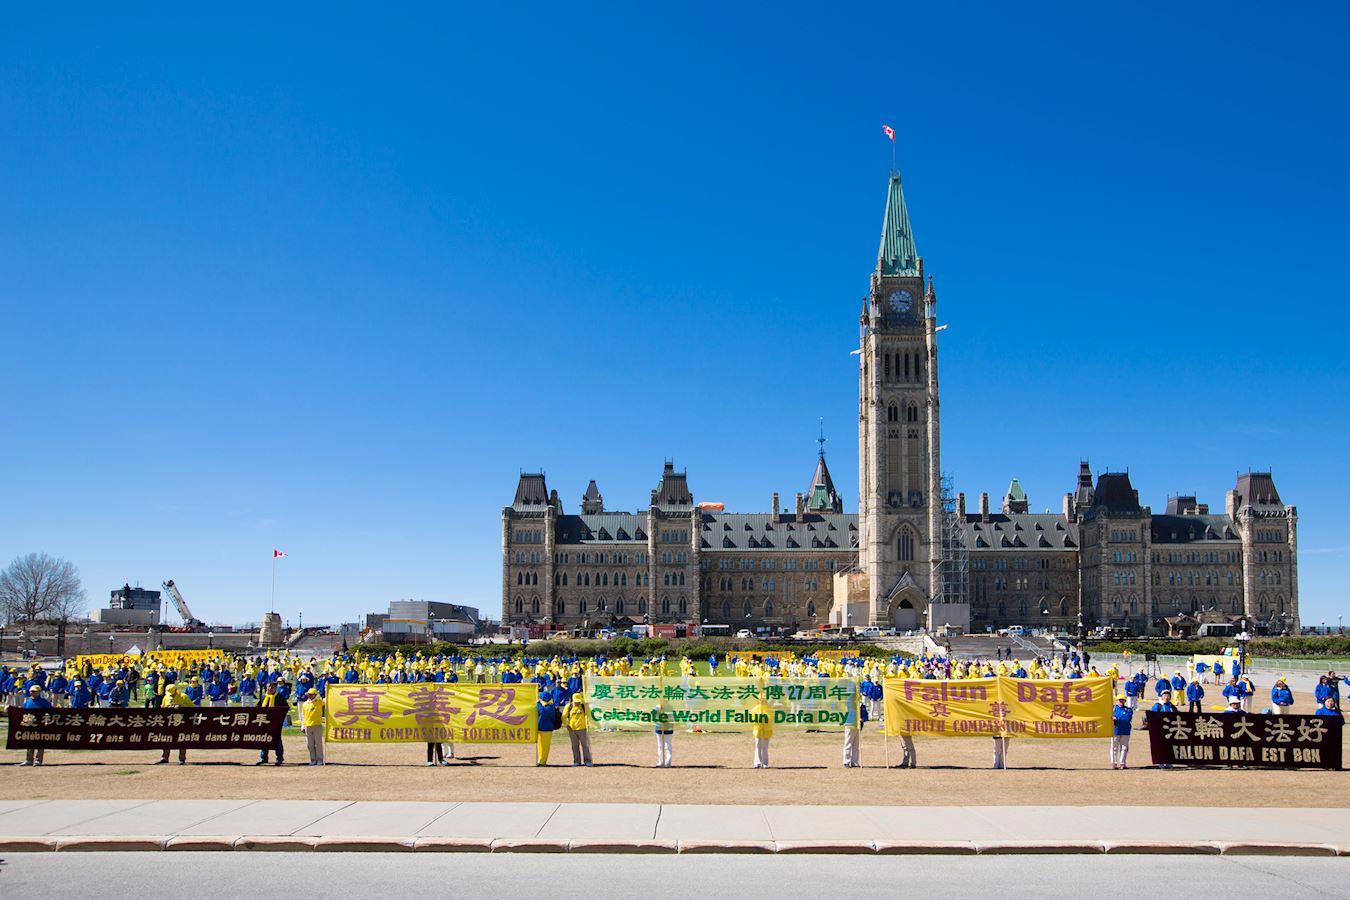 加拿大東部法輪功學員匯聚在首都渥太華國會山前舉行慶祝活動。(明慧網)